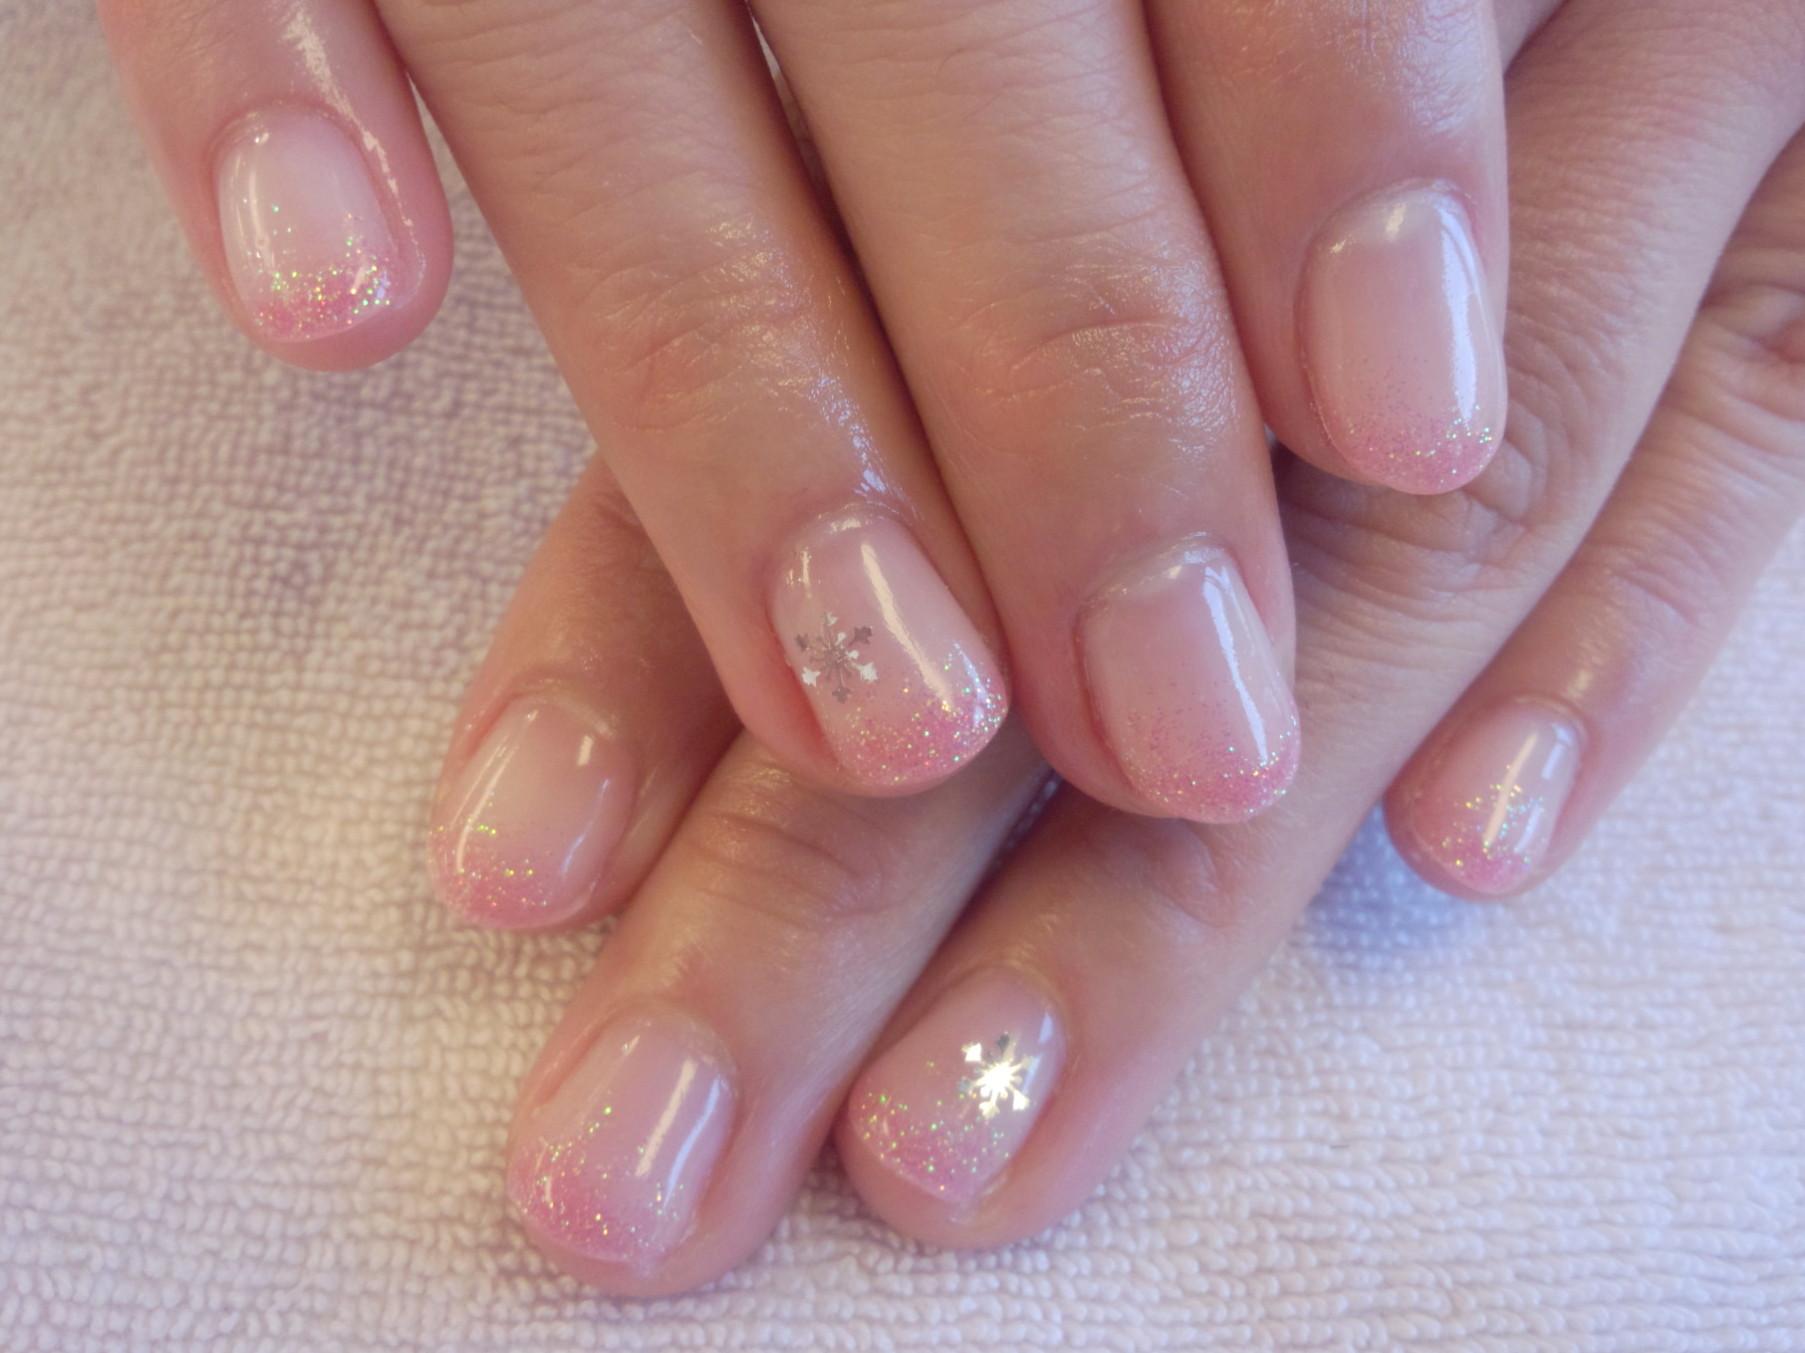 雪の結晶ジェルネイル ネイル冬ネイルラメ ネイル画像 ネイルデザイン ネイルバレンタイン ネイルピンク